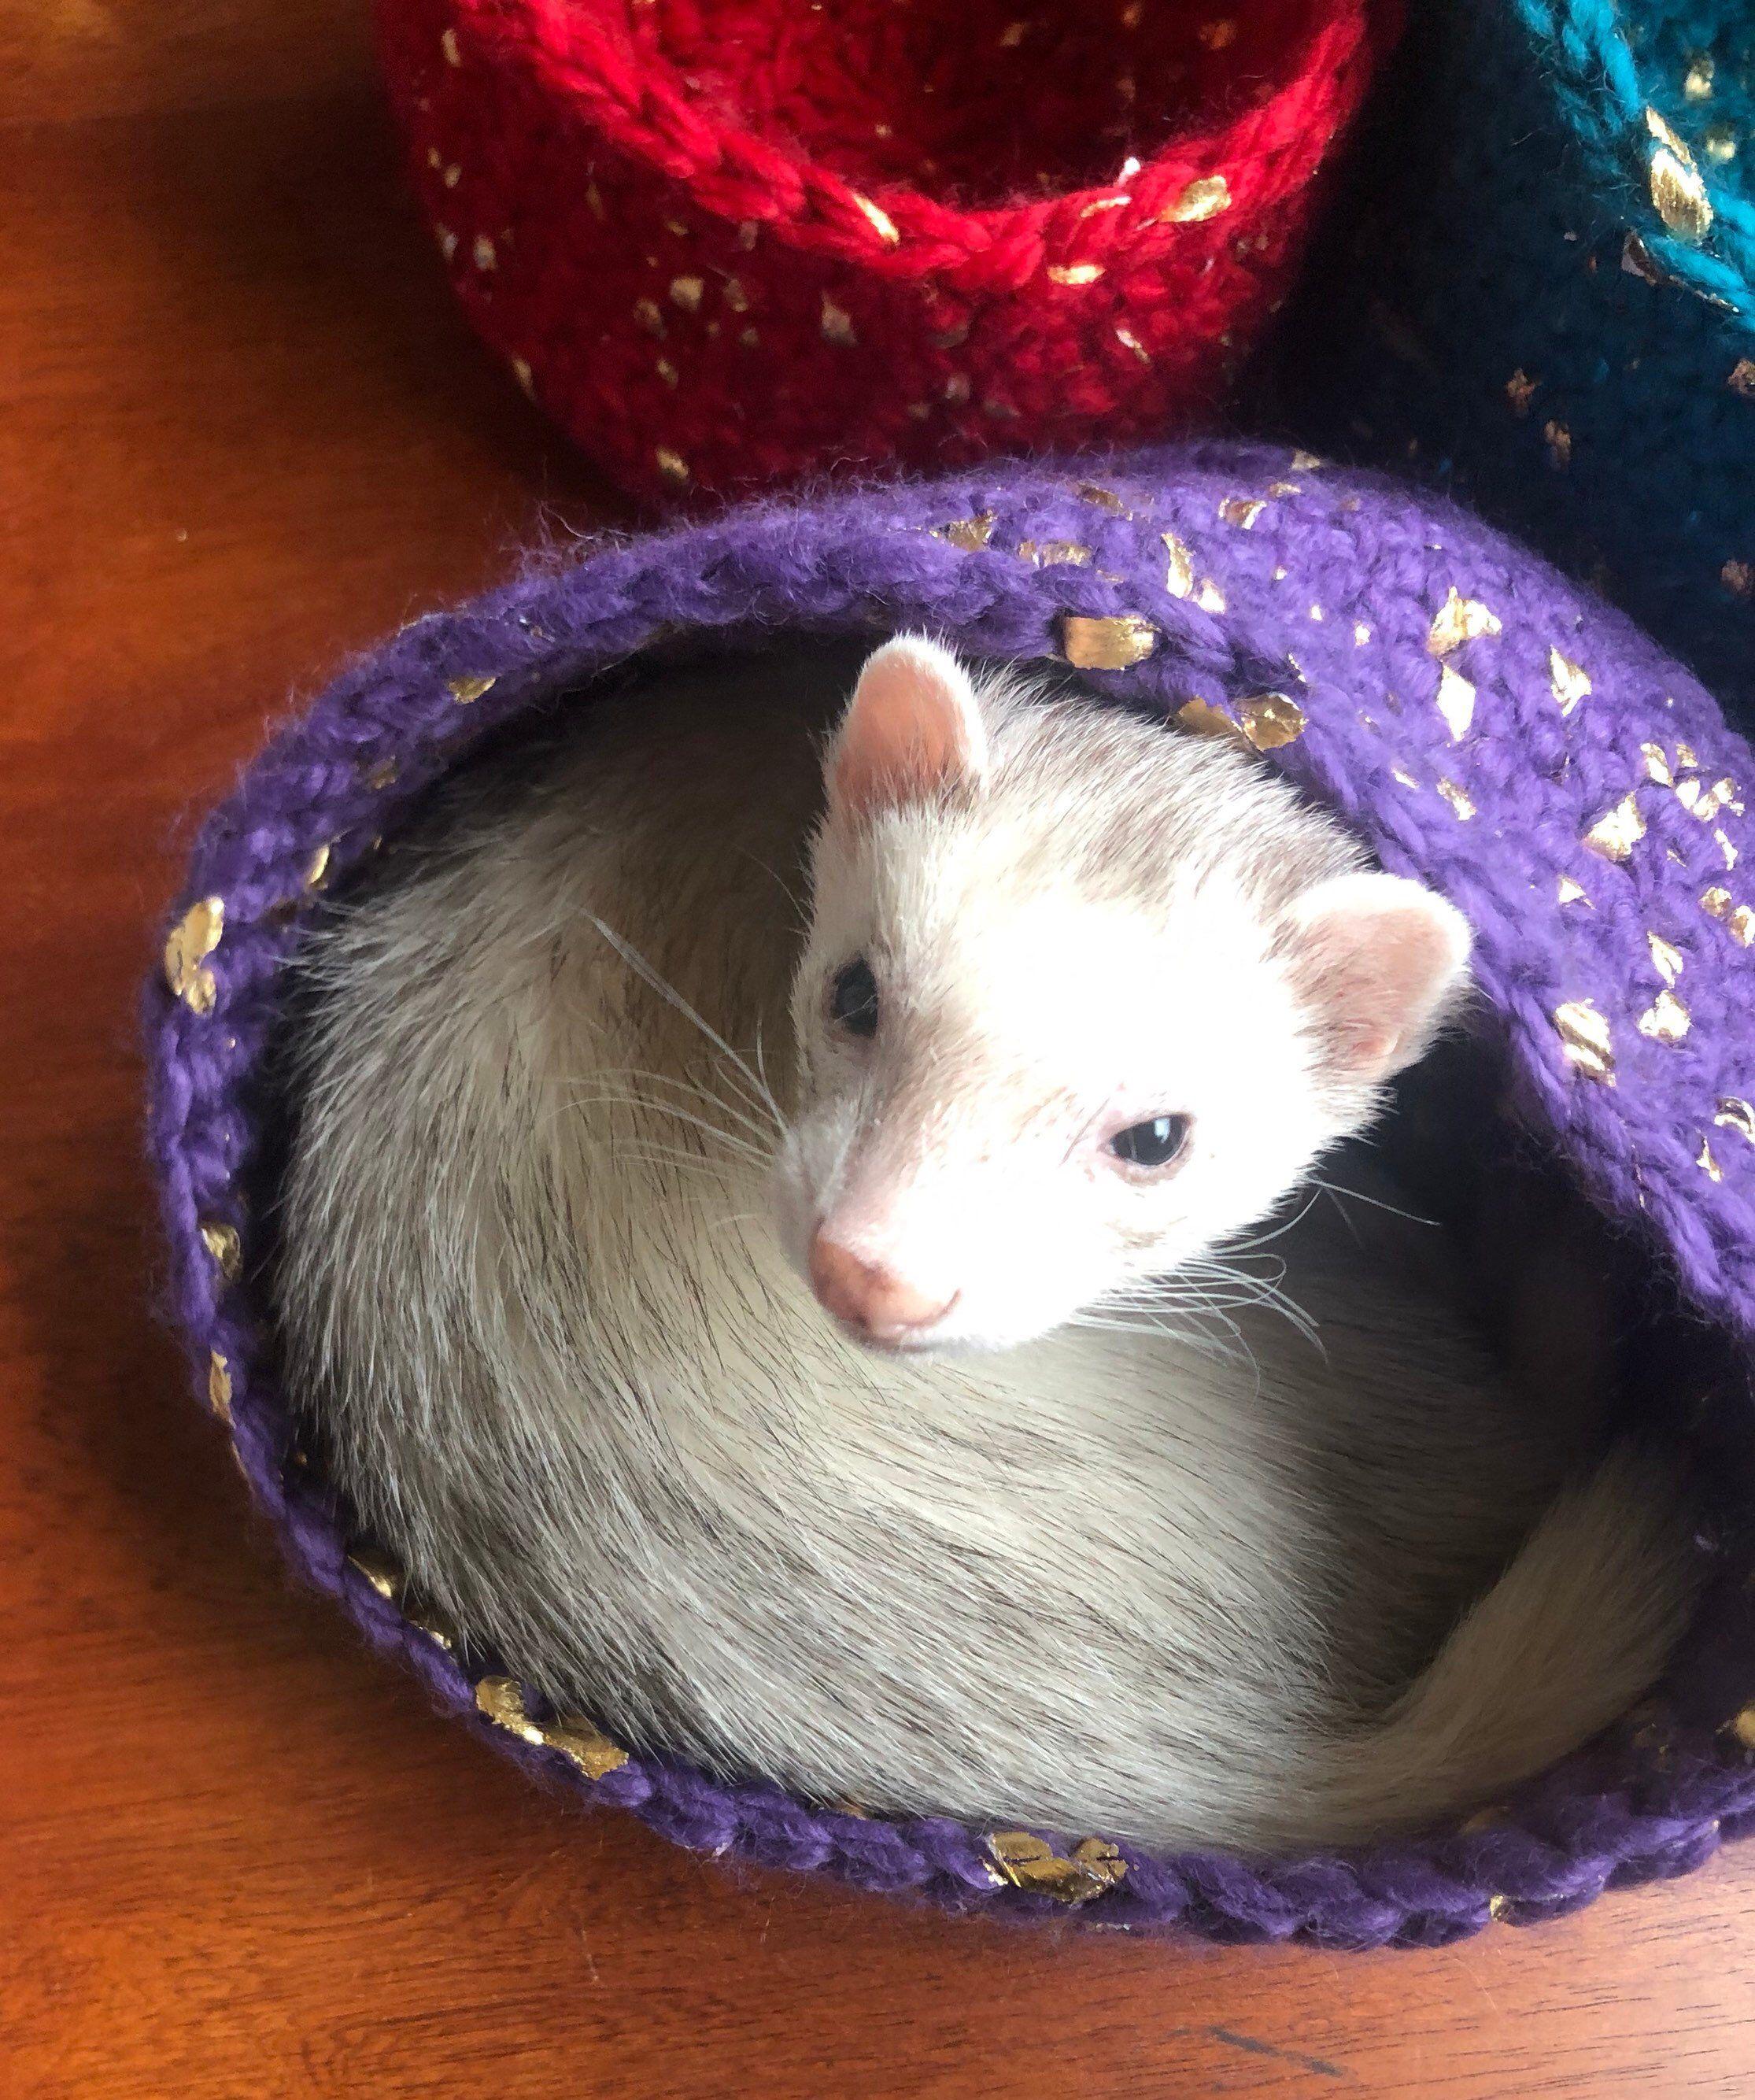 Ferret Small Animal Nesting Basket Etsy Ferret Toys Small Pets Animals